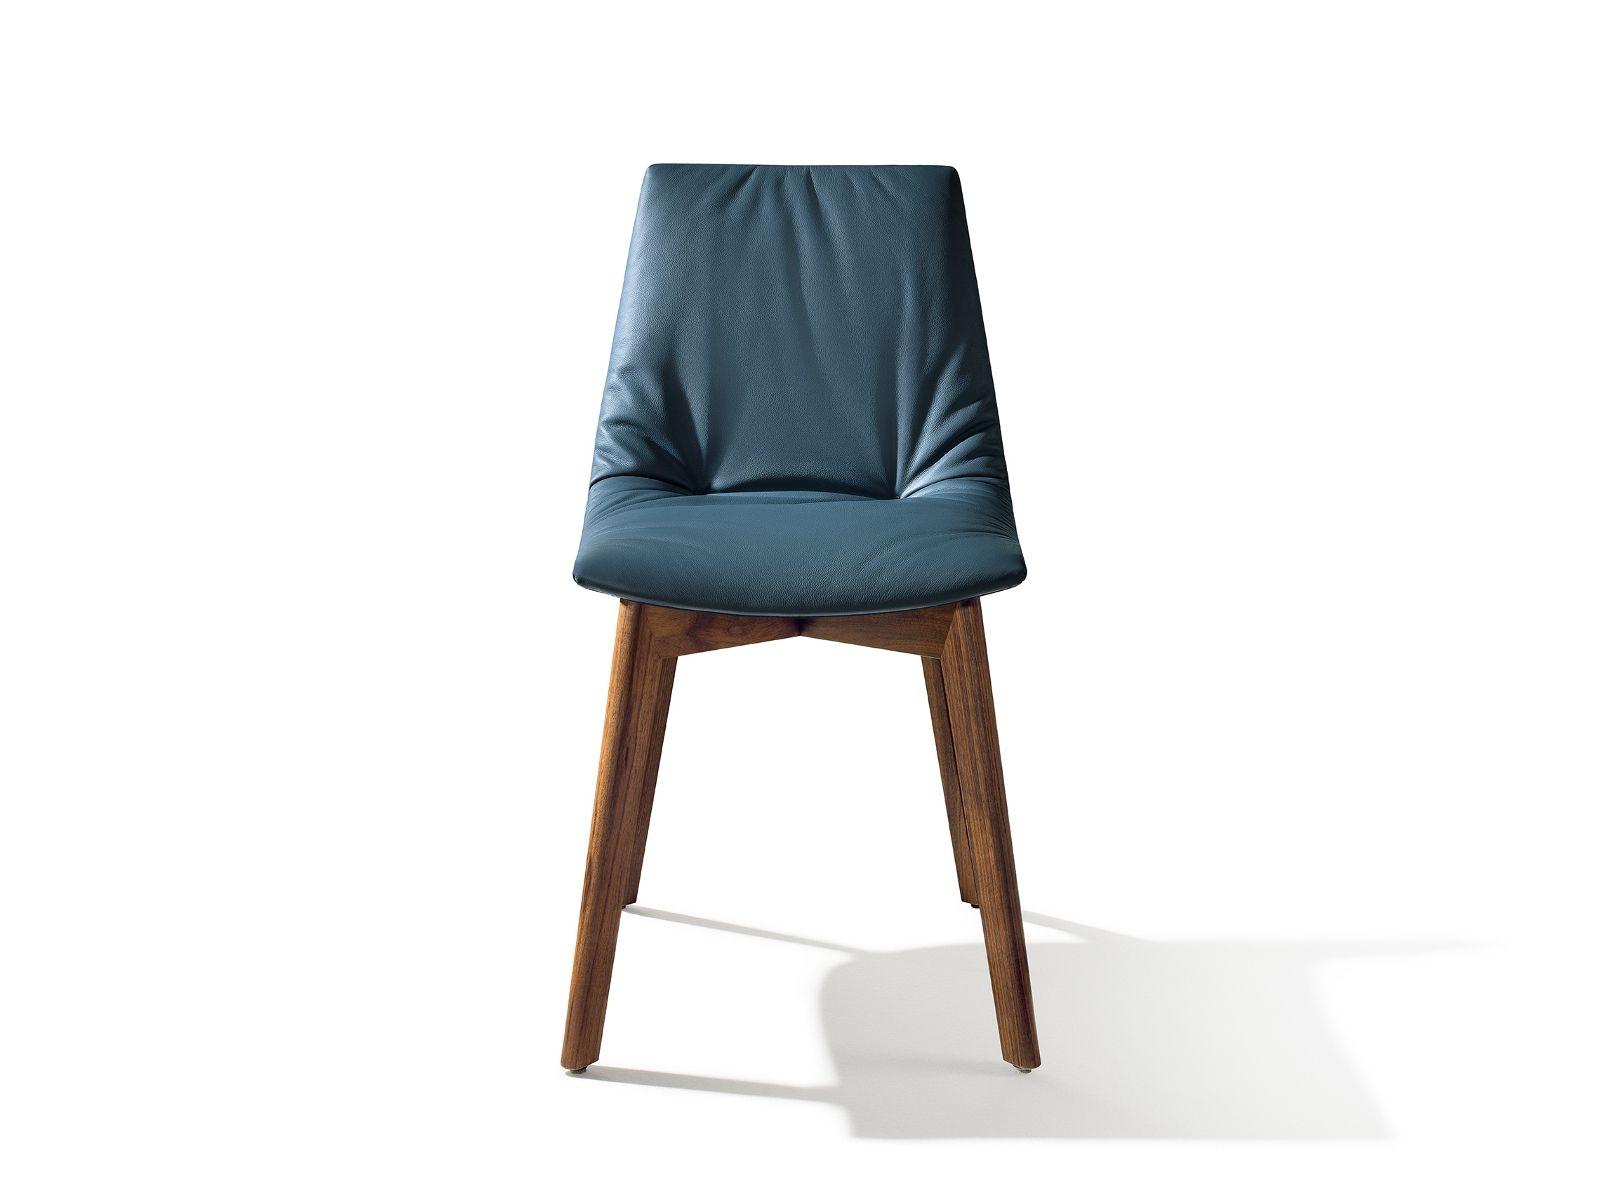 lui stuhl aus leder by team 7 nat rlich wohnen design jacob strobel. Black Bedroom Furniture Sets. Home Design Ideas